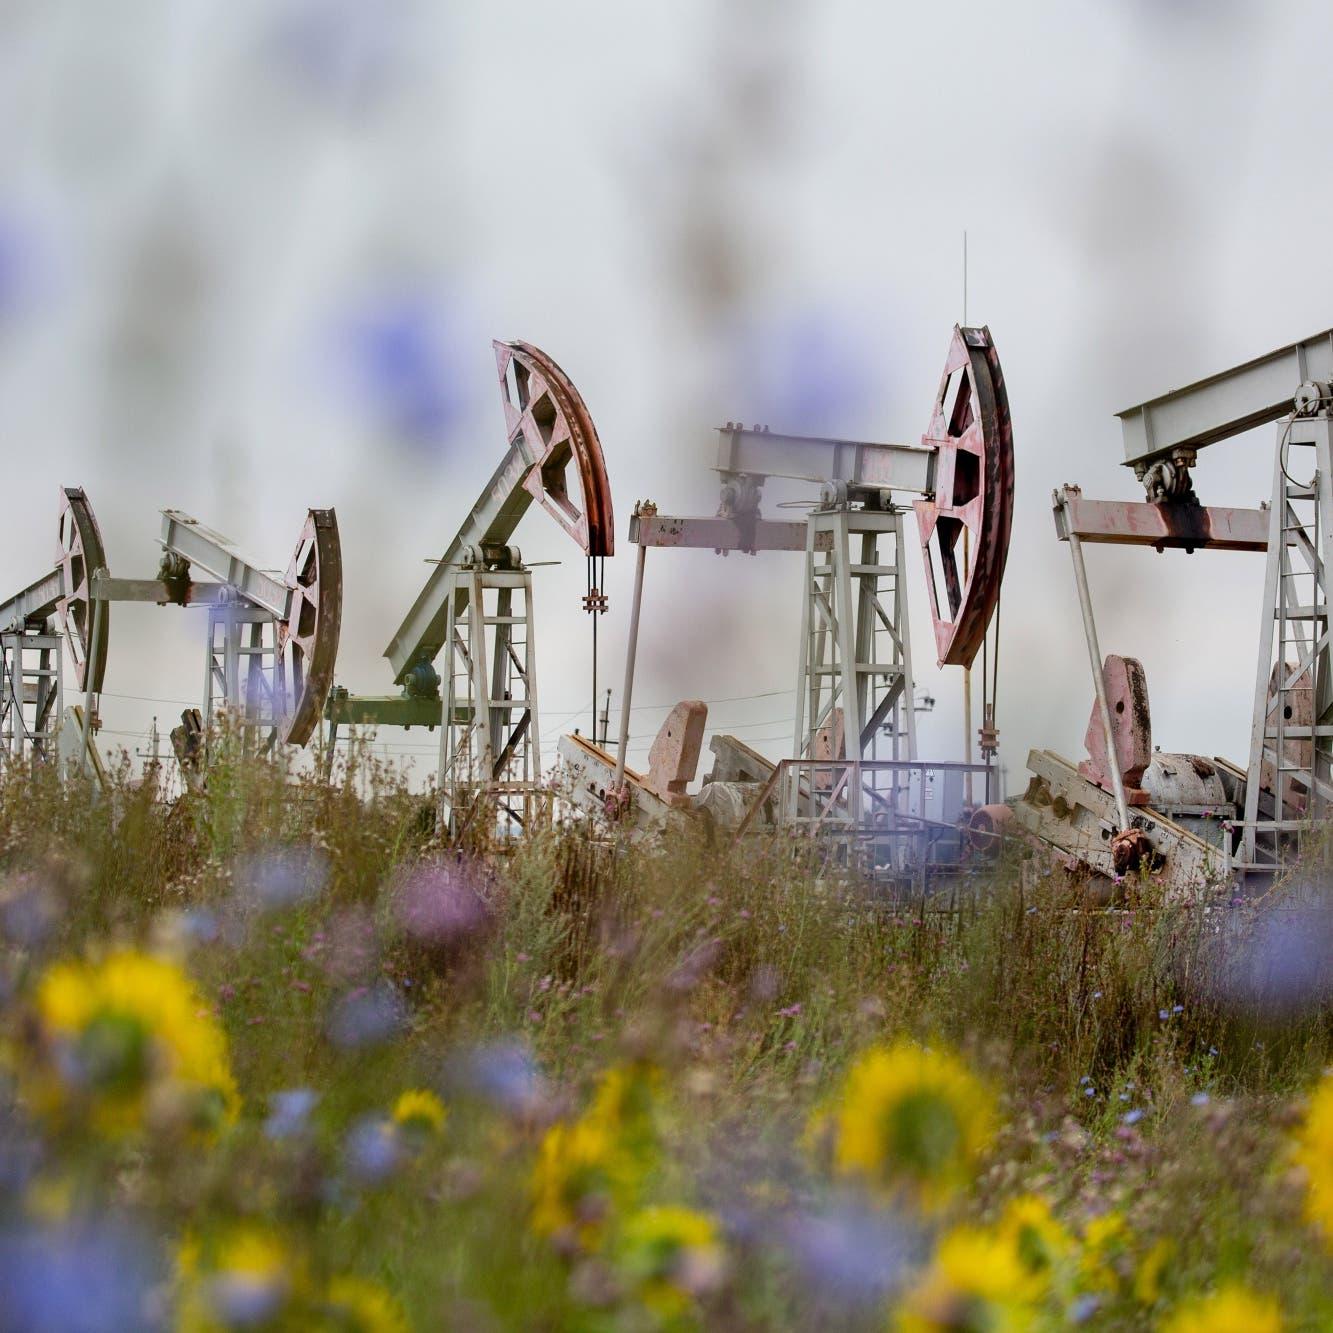 النفط يتراجع بعد ملامسة أعلى مستوى في عدة أشهر